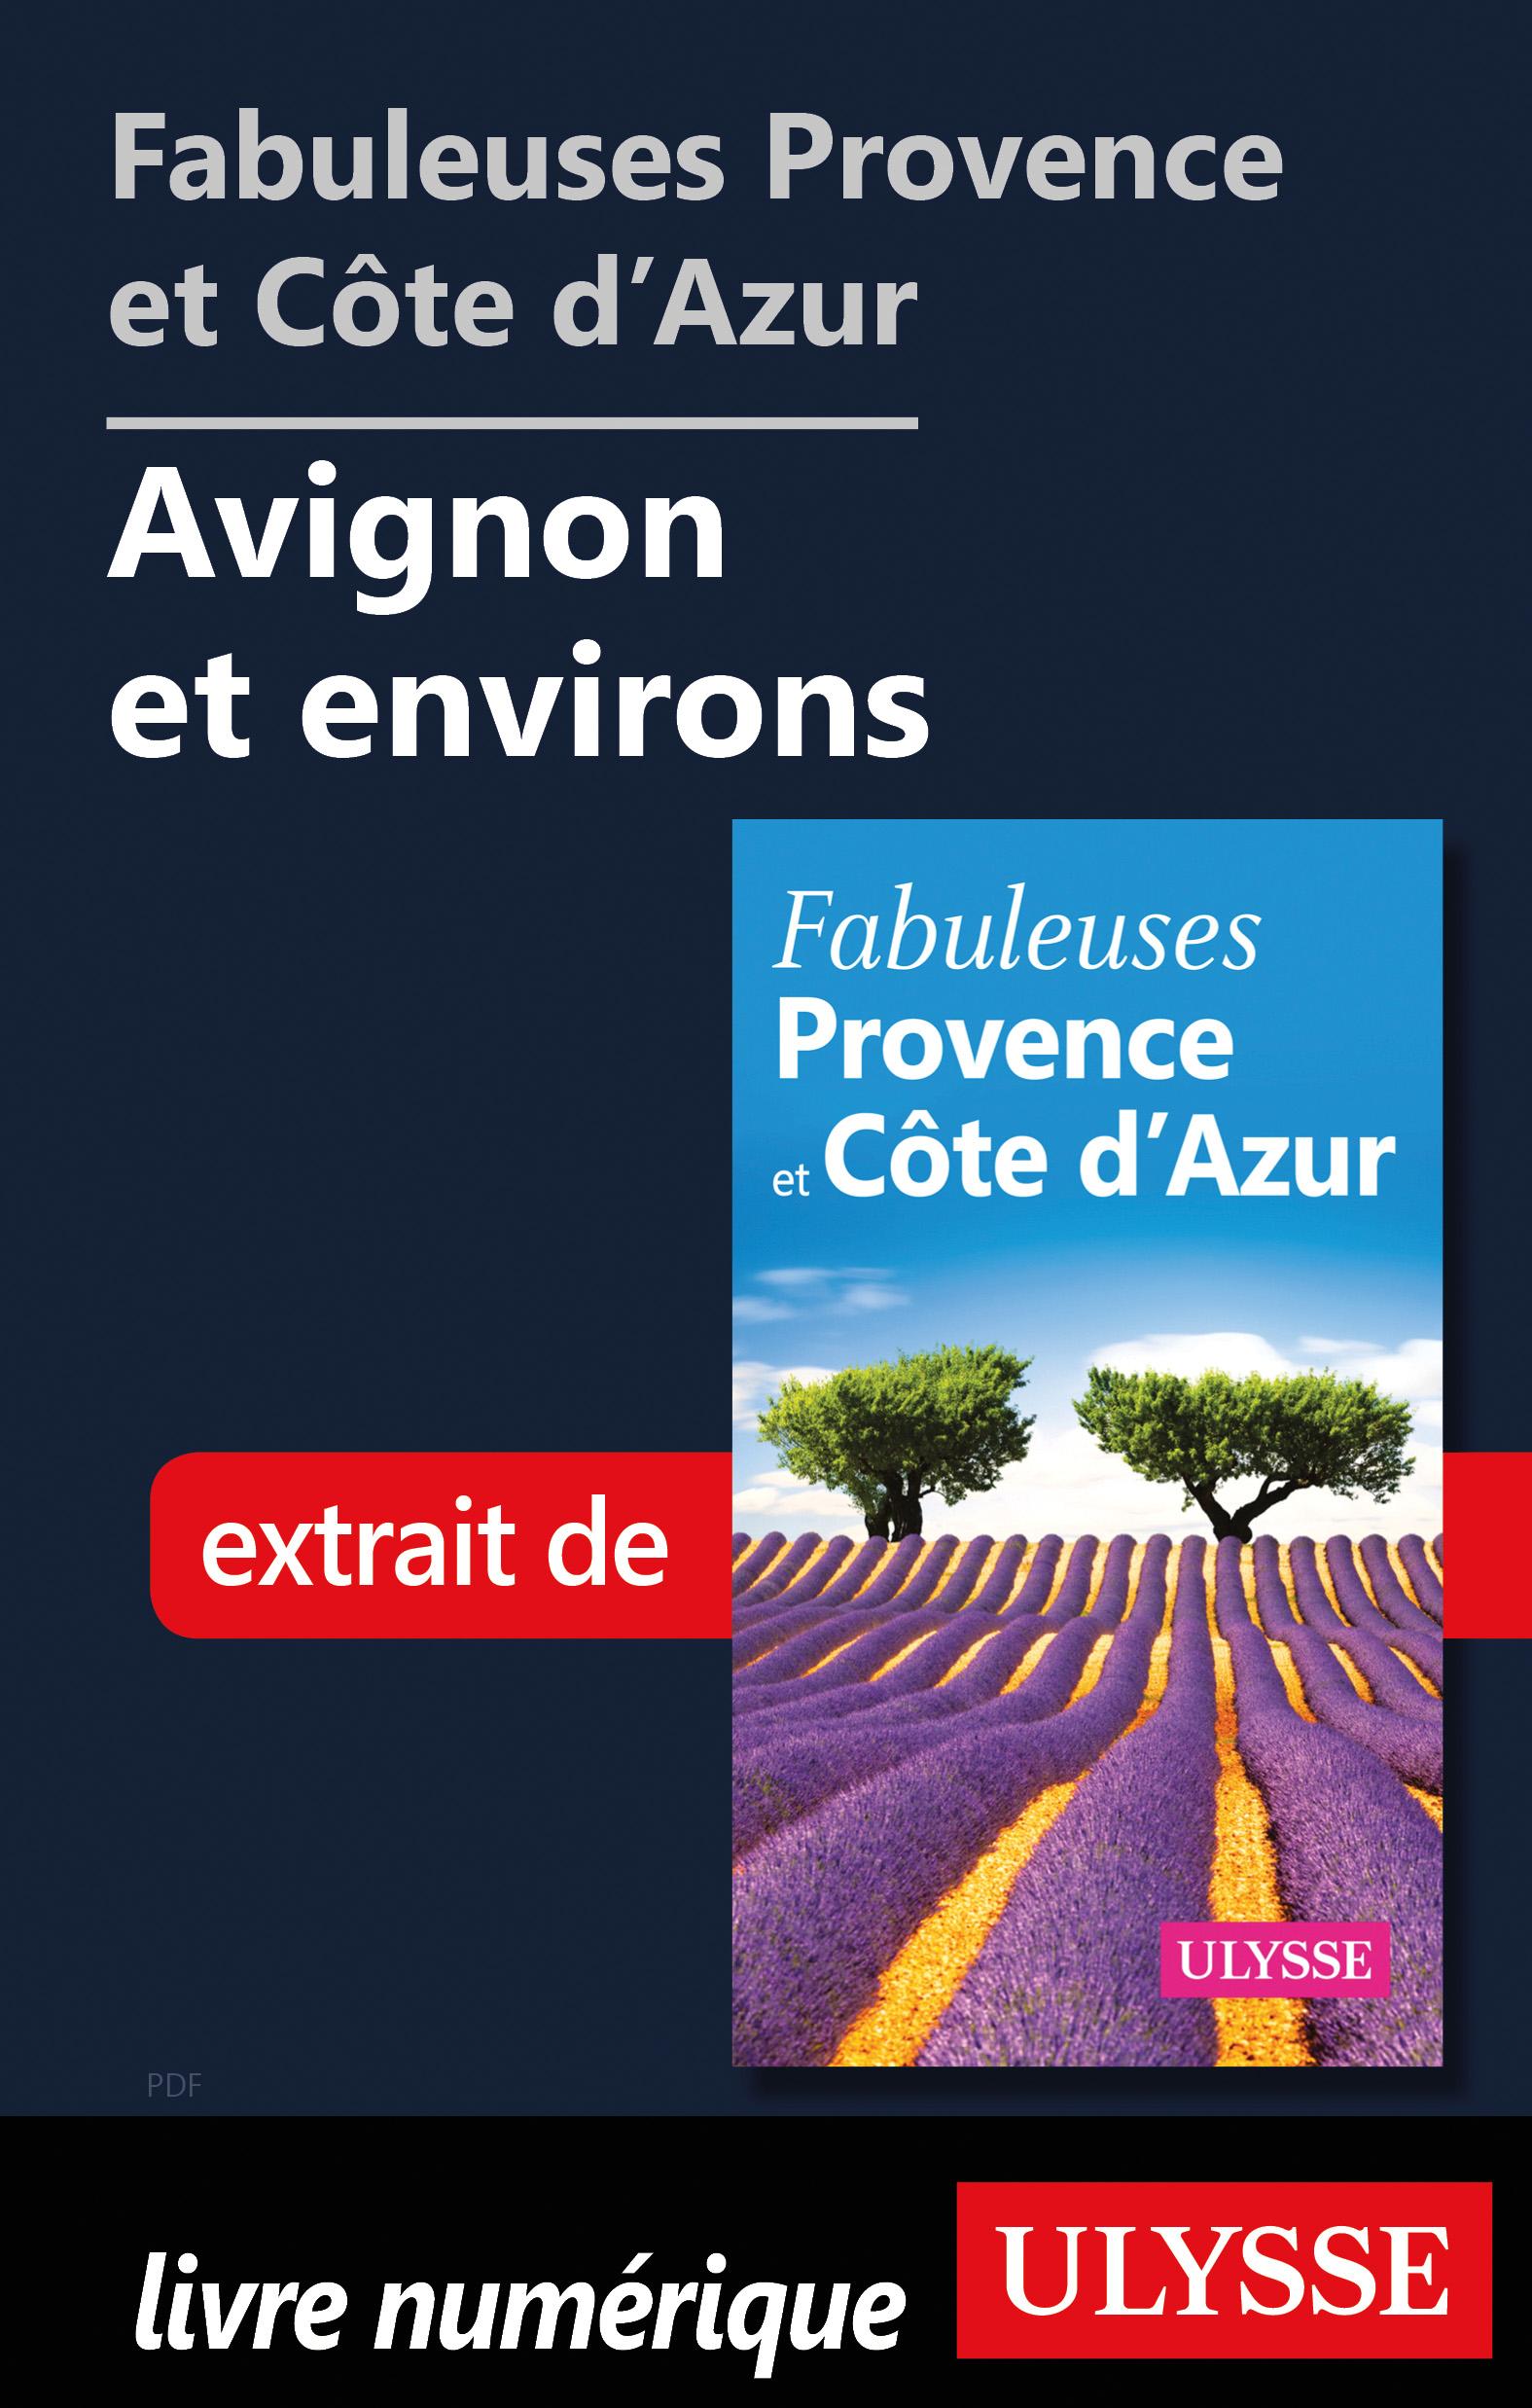 Fabuleuses Provence et Côte d'Azur: Avignon et environs